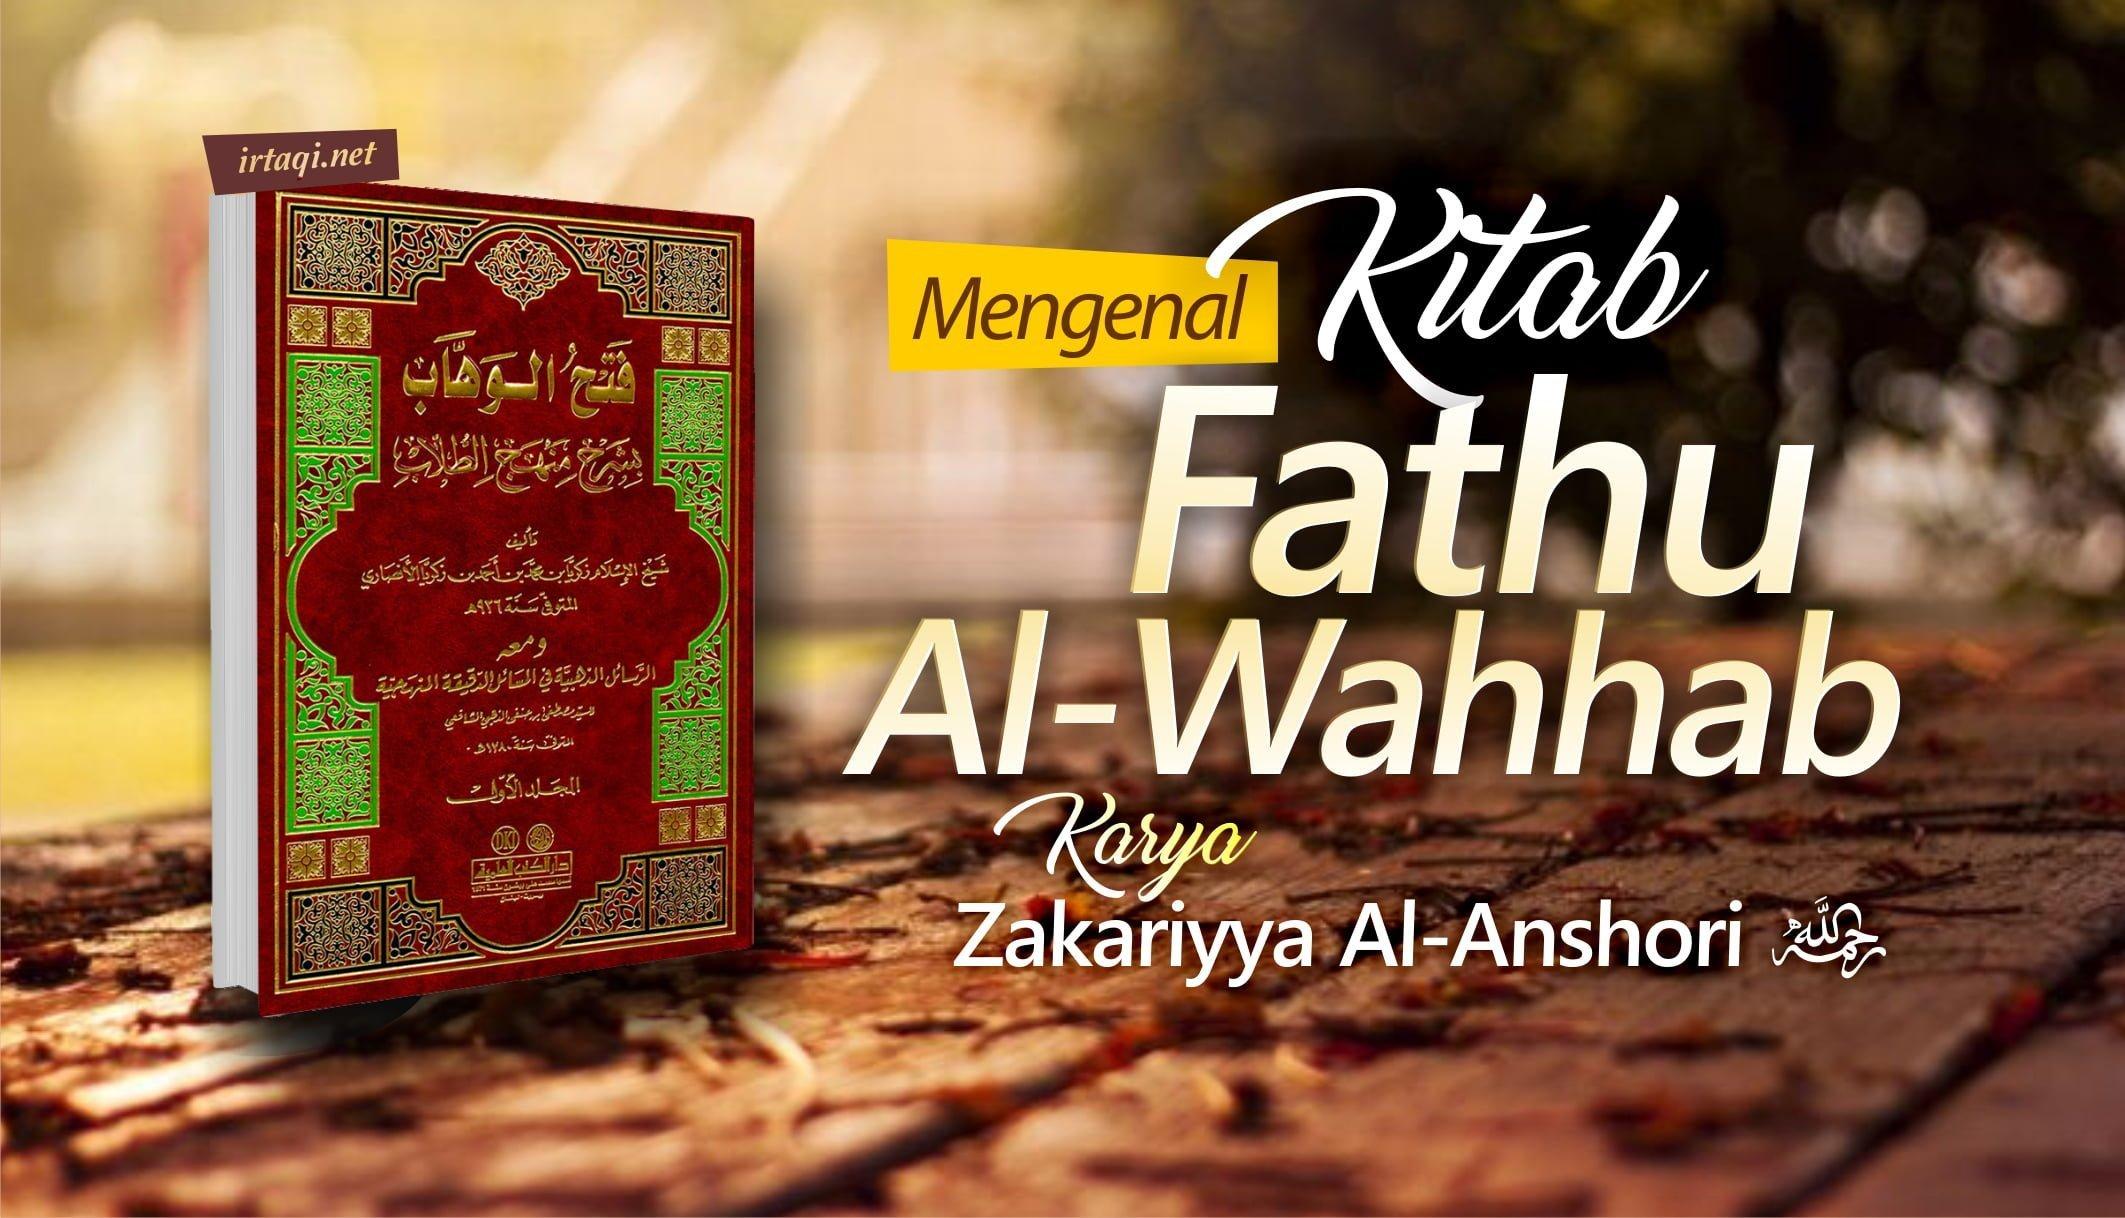 """MENGENAL KITAB """"FATHUL WAHHAB"""" KARYA ZAKARIYYA AL-ANSHORI"""